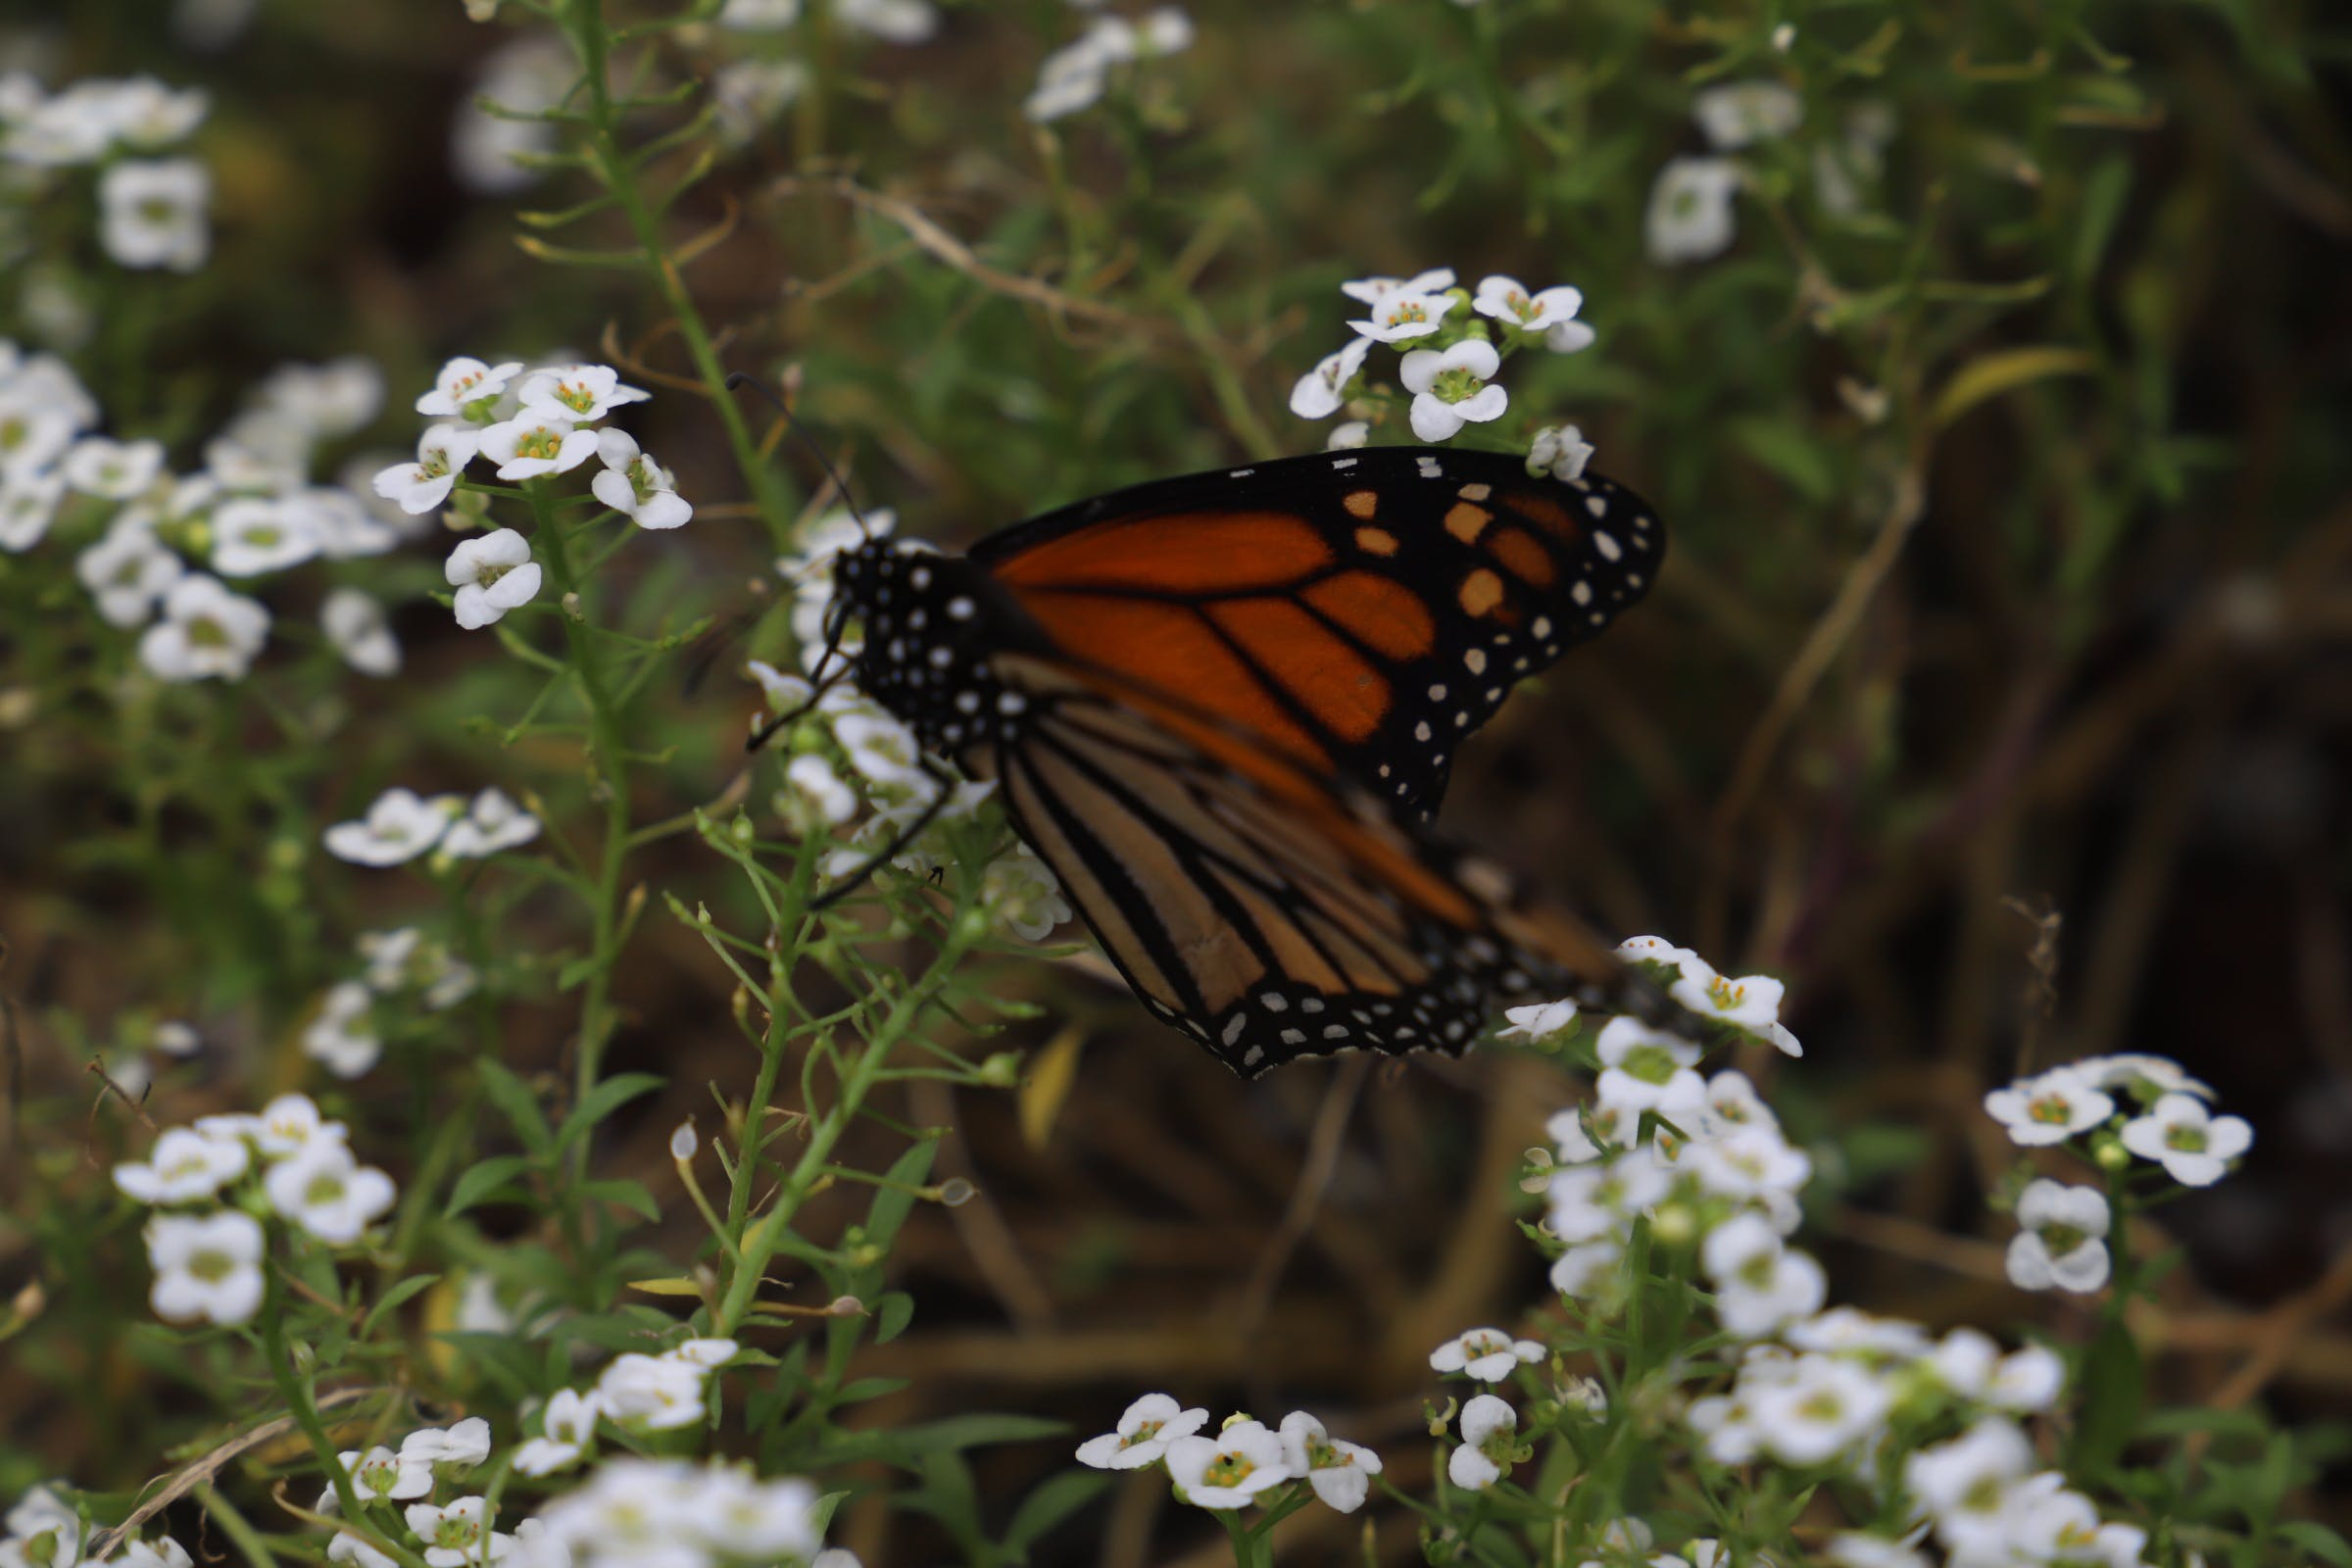 Gratis lagerfoto af Monarksommerfugl